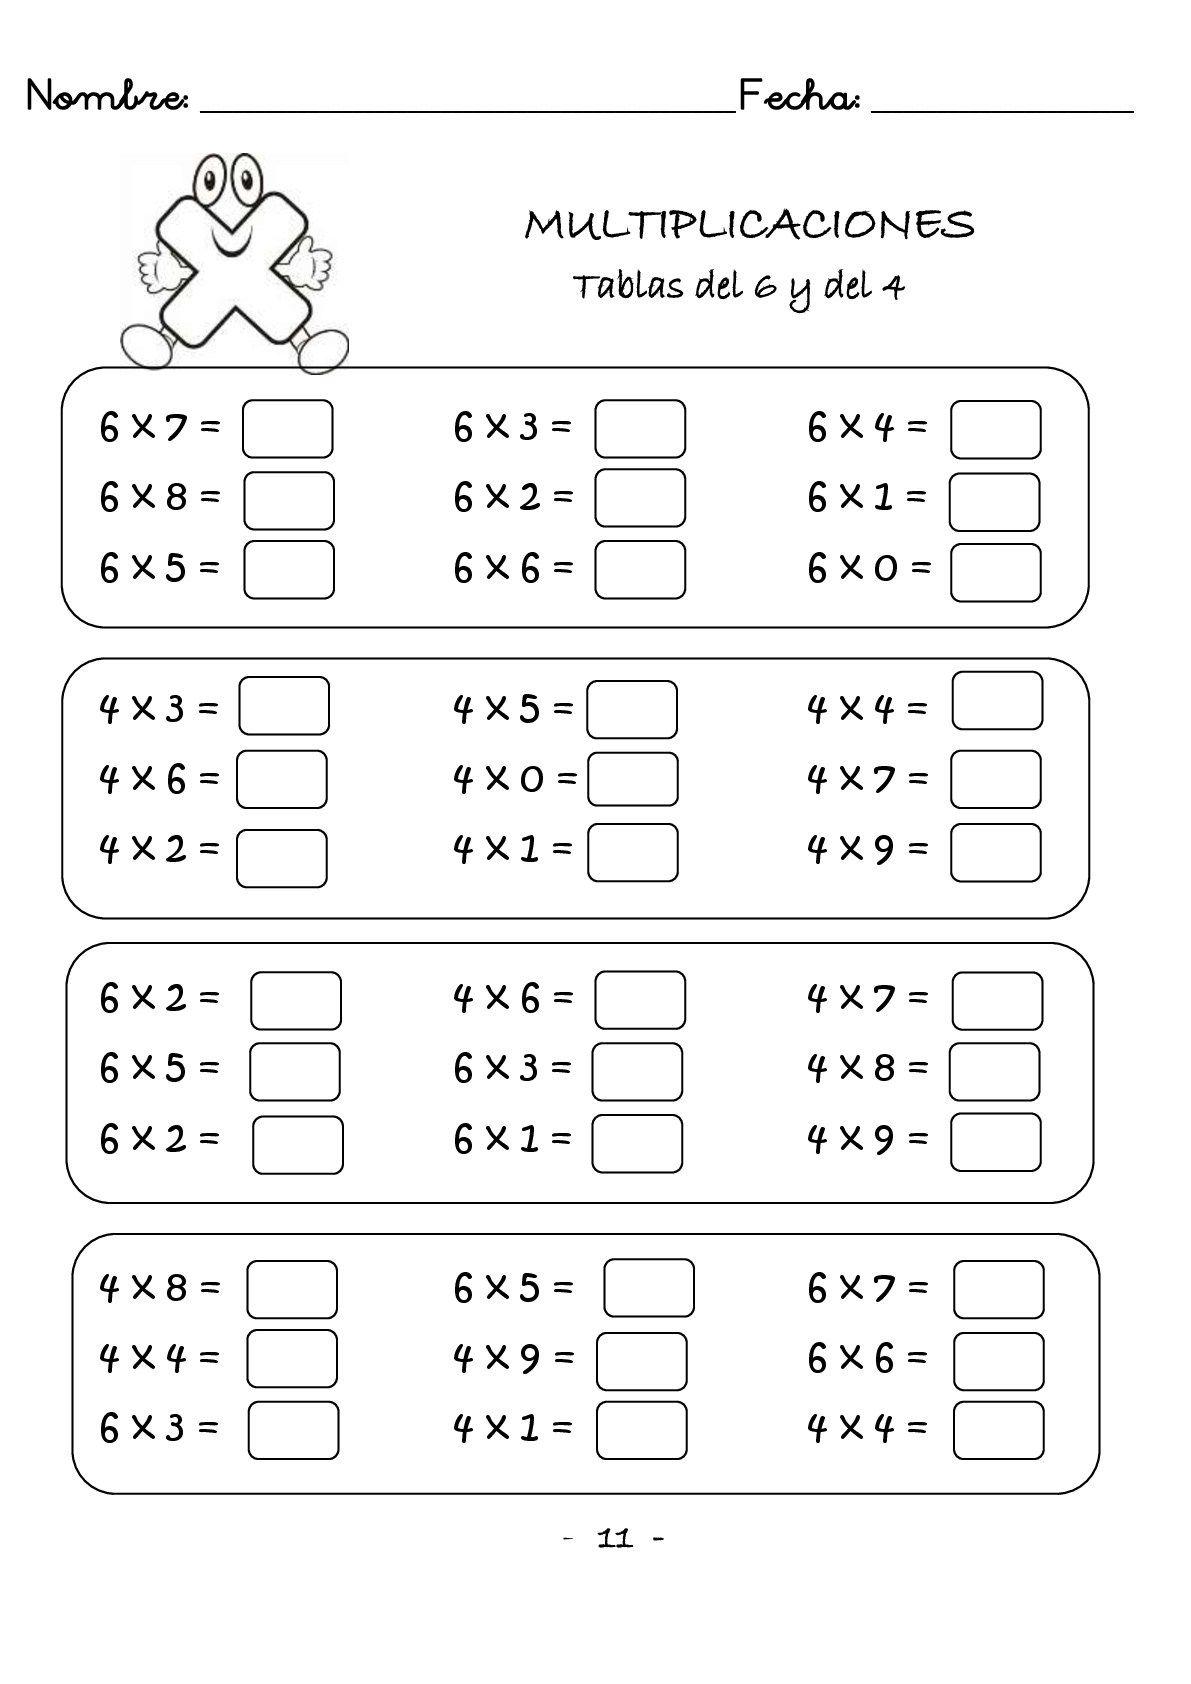 Multiplicaciones Rapidas Una Cifra Protegido 012 Multiplicacion Actividades De Multiplicación Hojas De Cálculo